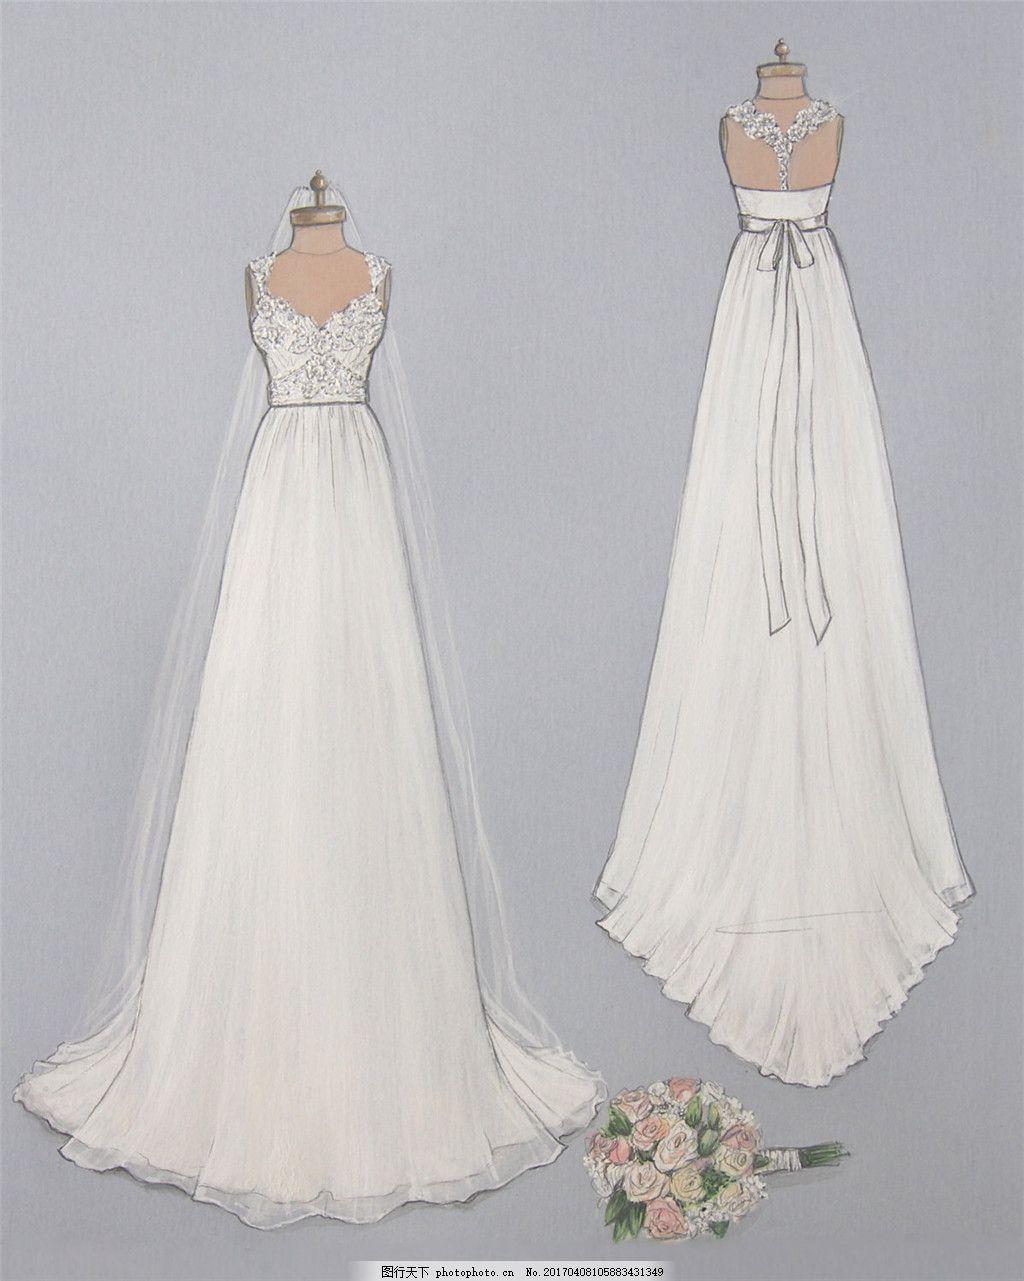 抹胸长裙婚纱设计图 服装设计 时尚女装 职业女装 职业装 女装设计